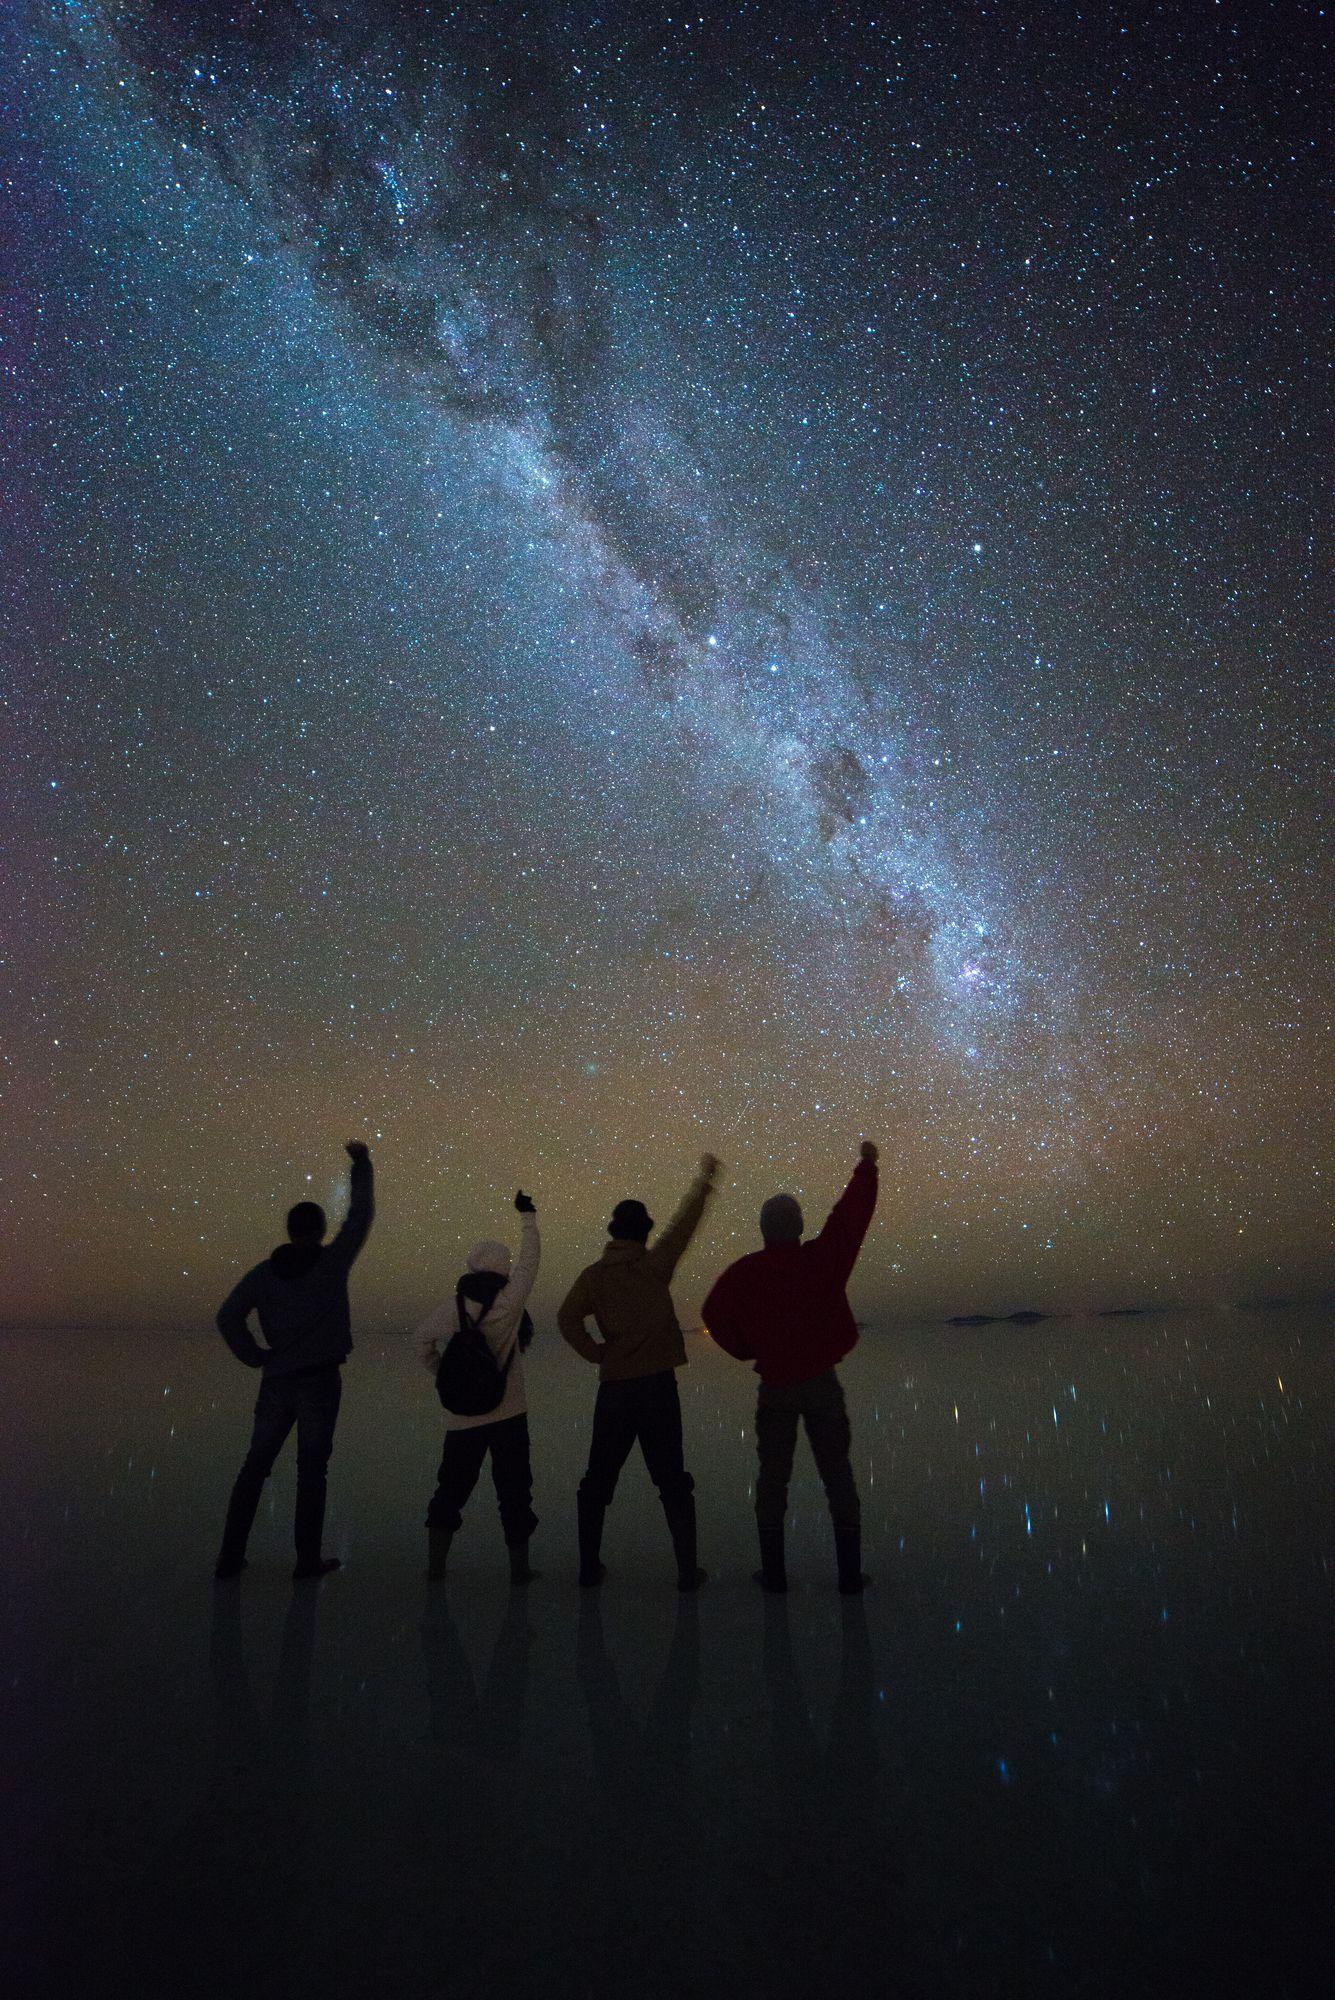 圧倒的すぎる星の海 ウユニ塩湖の絶景 星空 画像まとめ 厳選枚 Retrip リトリップ